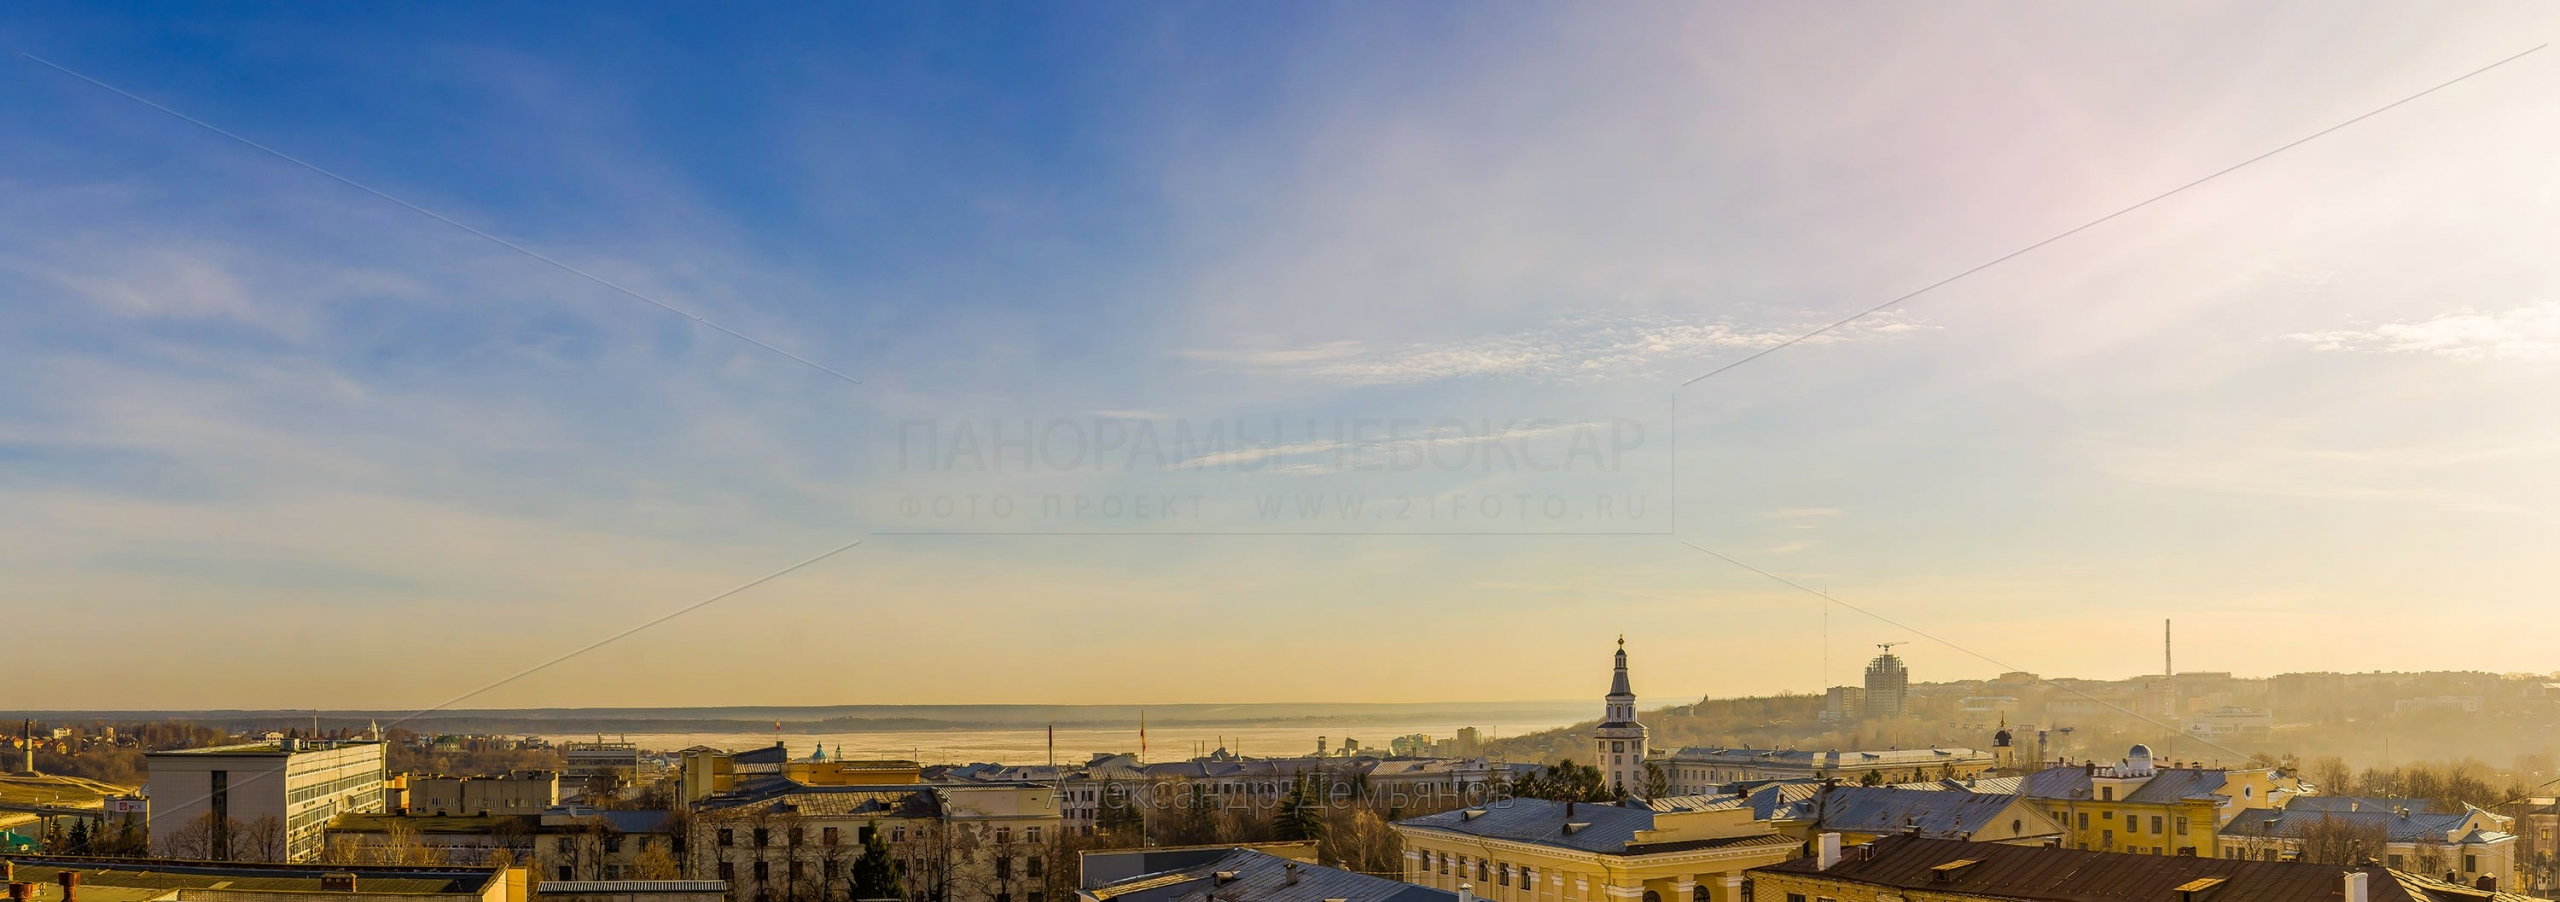 Утро в центре города весной 2013